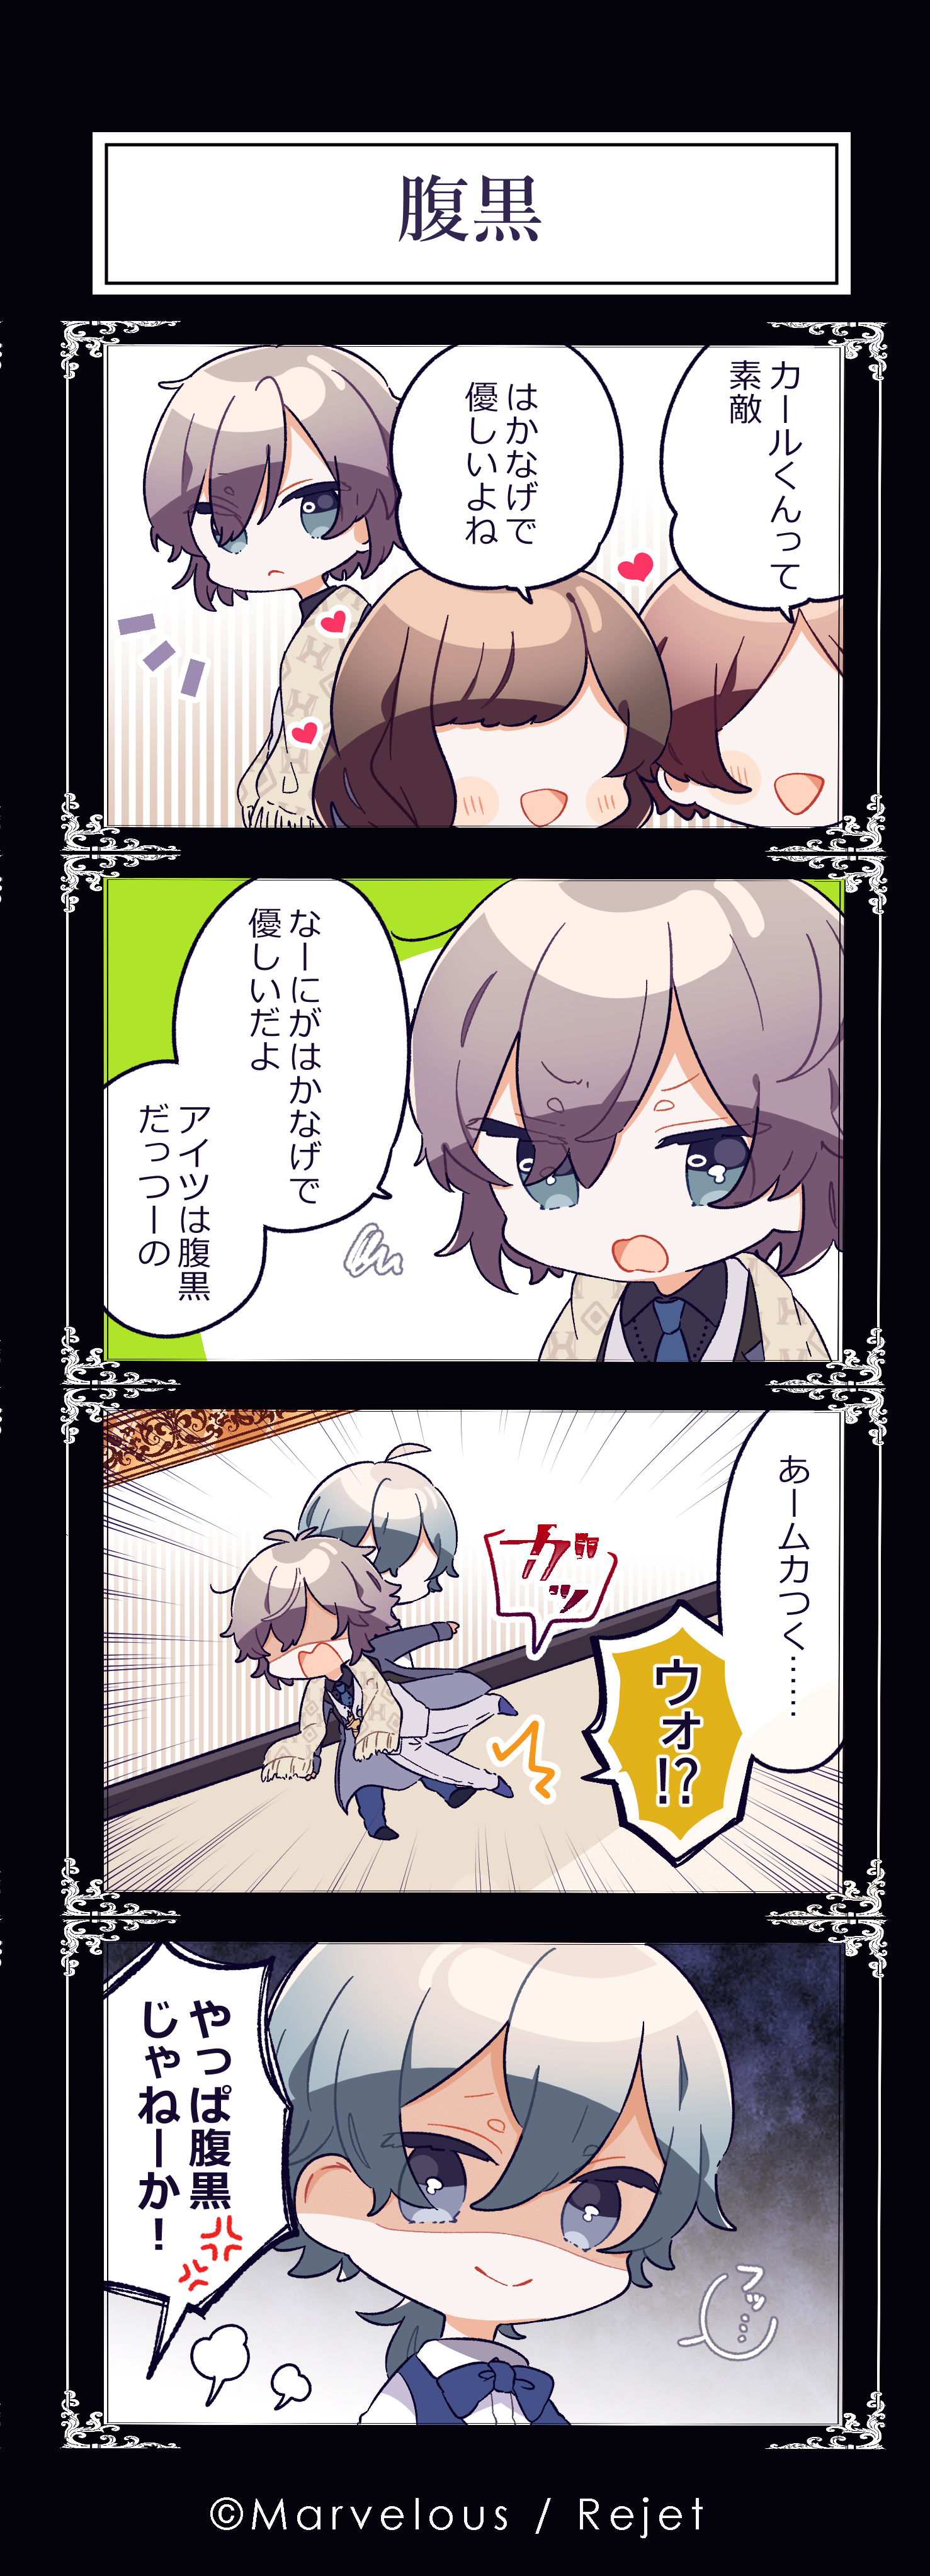 【4月投稿分】mawoko_FN4コマ2 (1)1111.png